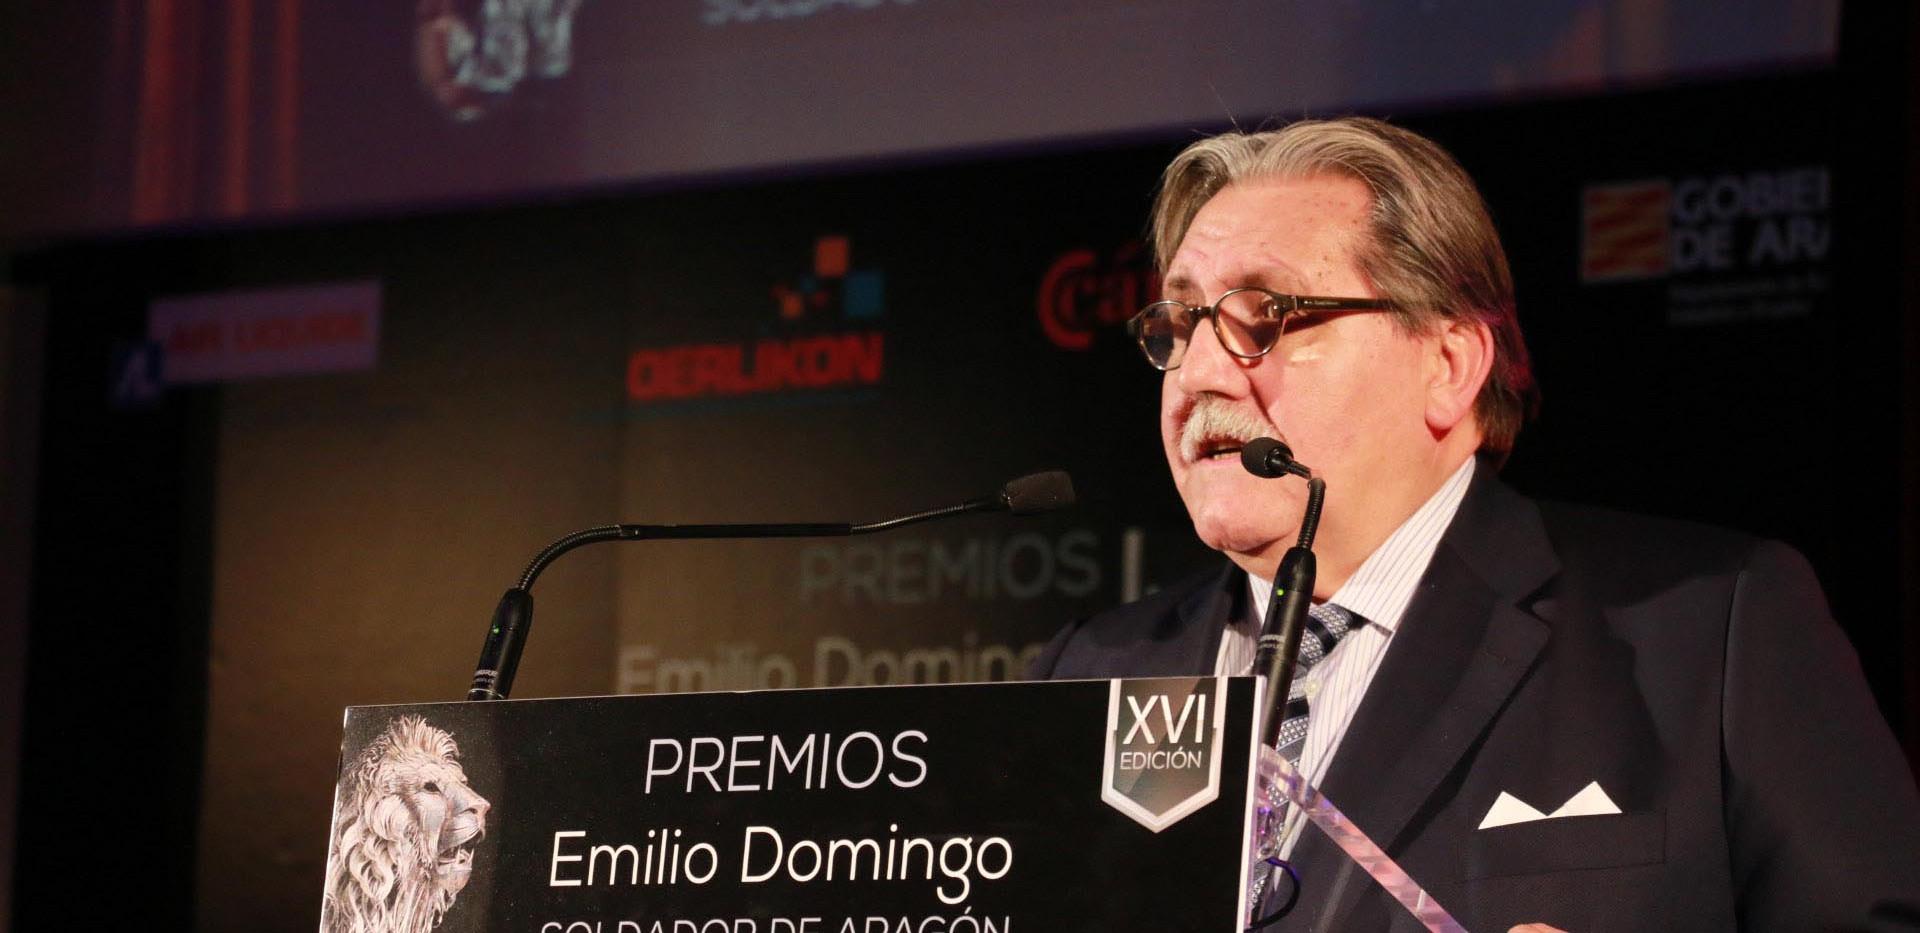 Premios Emilio Domingo.jpg